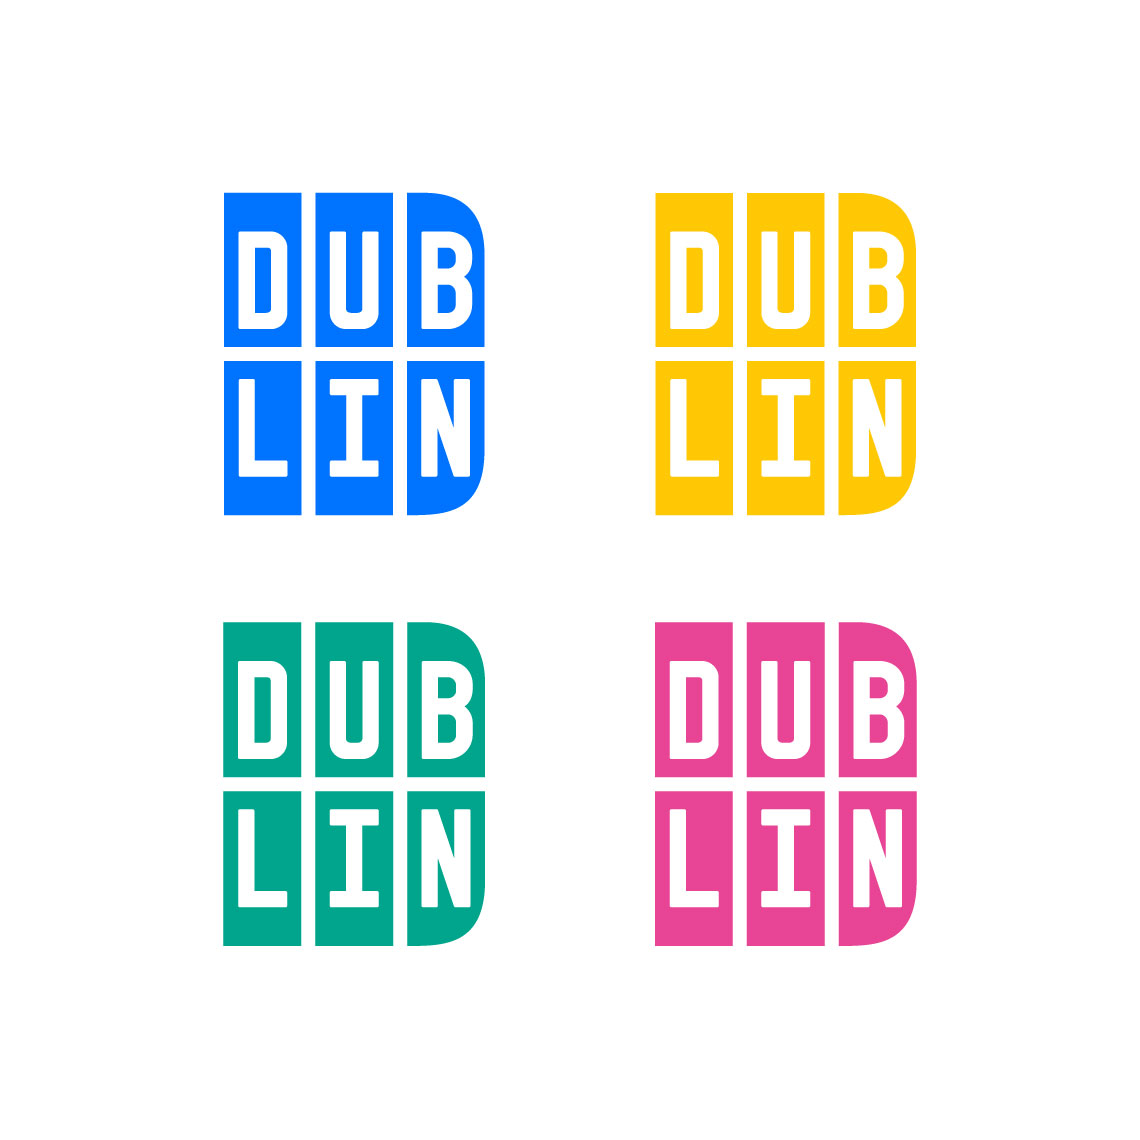 Dublin_Color_Logos